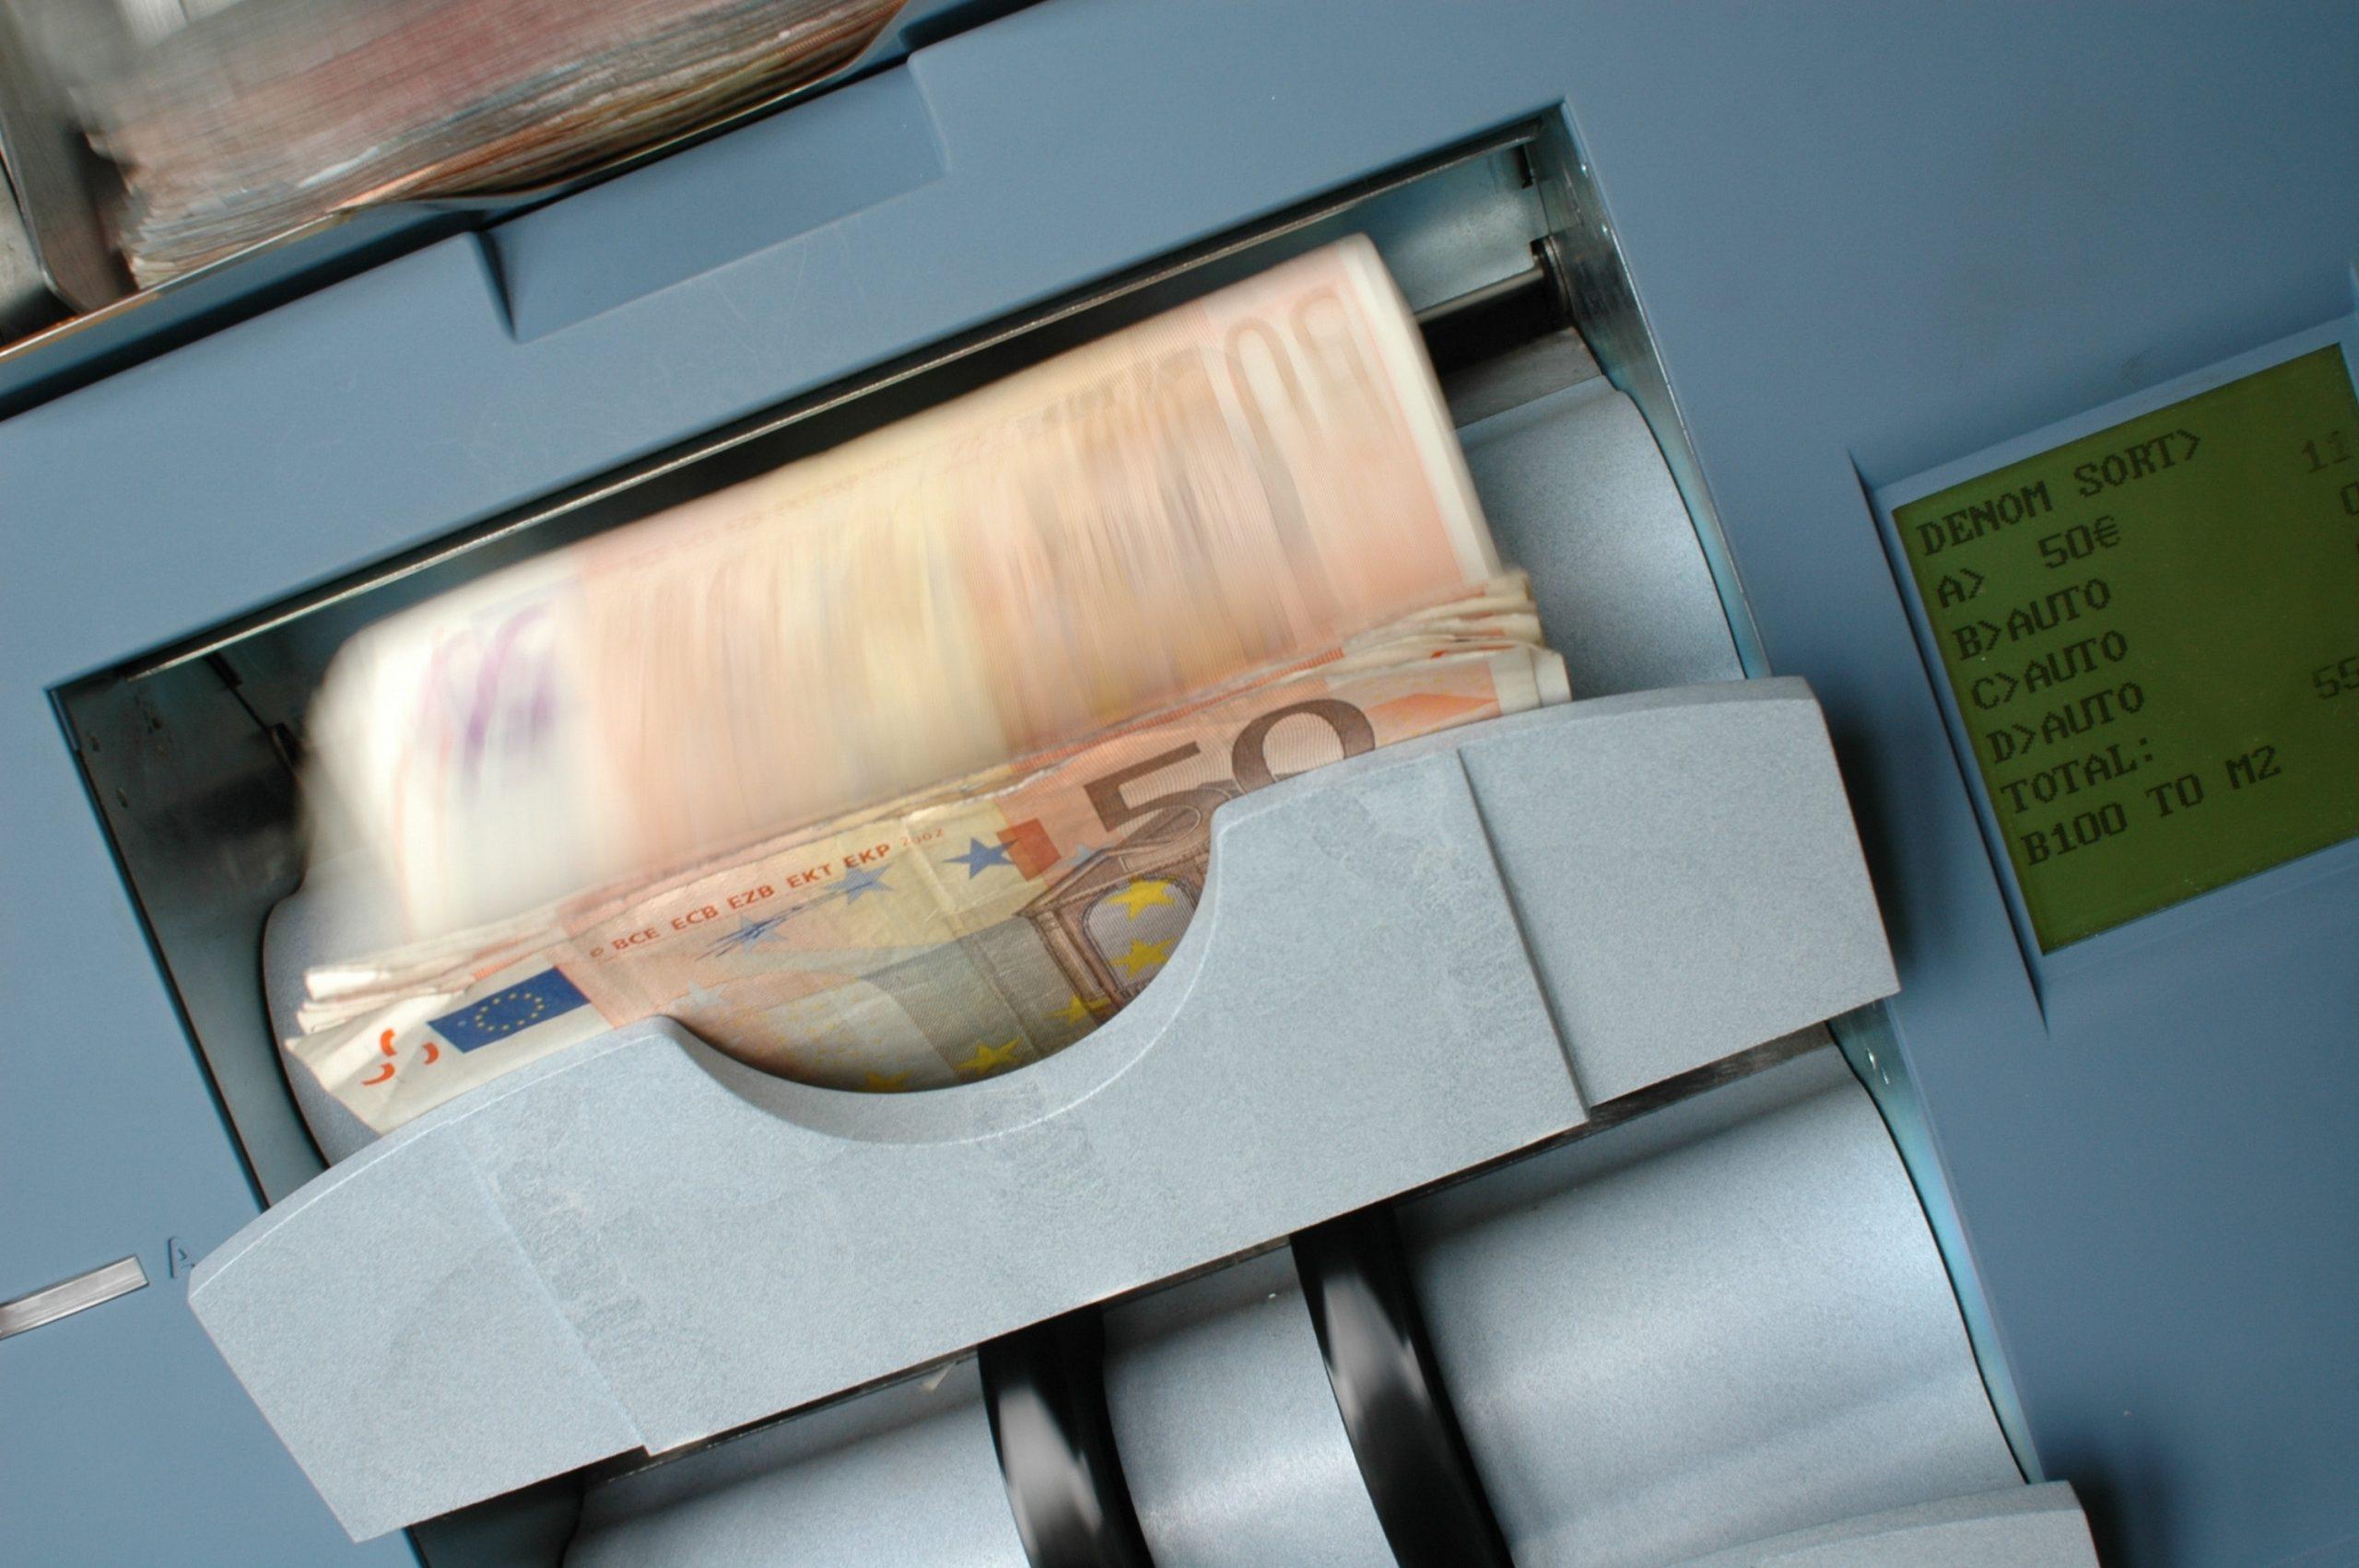 Un bărbat a cărat sute de mii de euro într-o sacoșă de rafie, în centrul Bucureștiului. Polițiștii vor să afle de unde provin banii